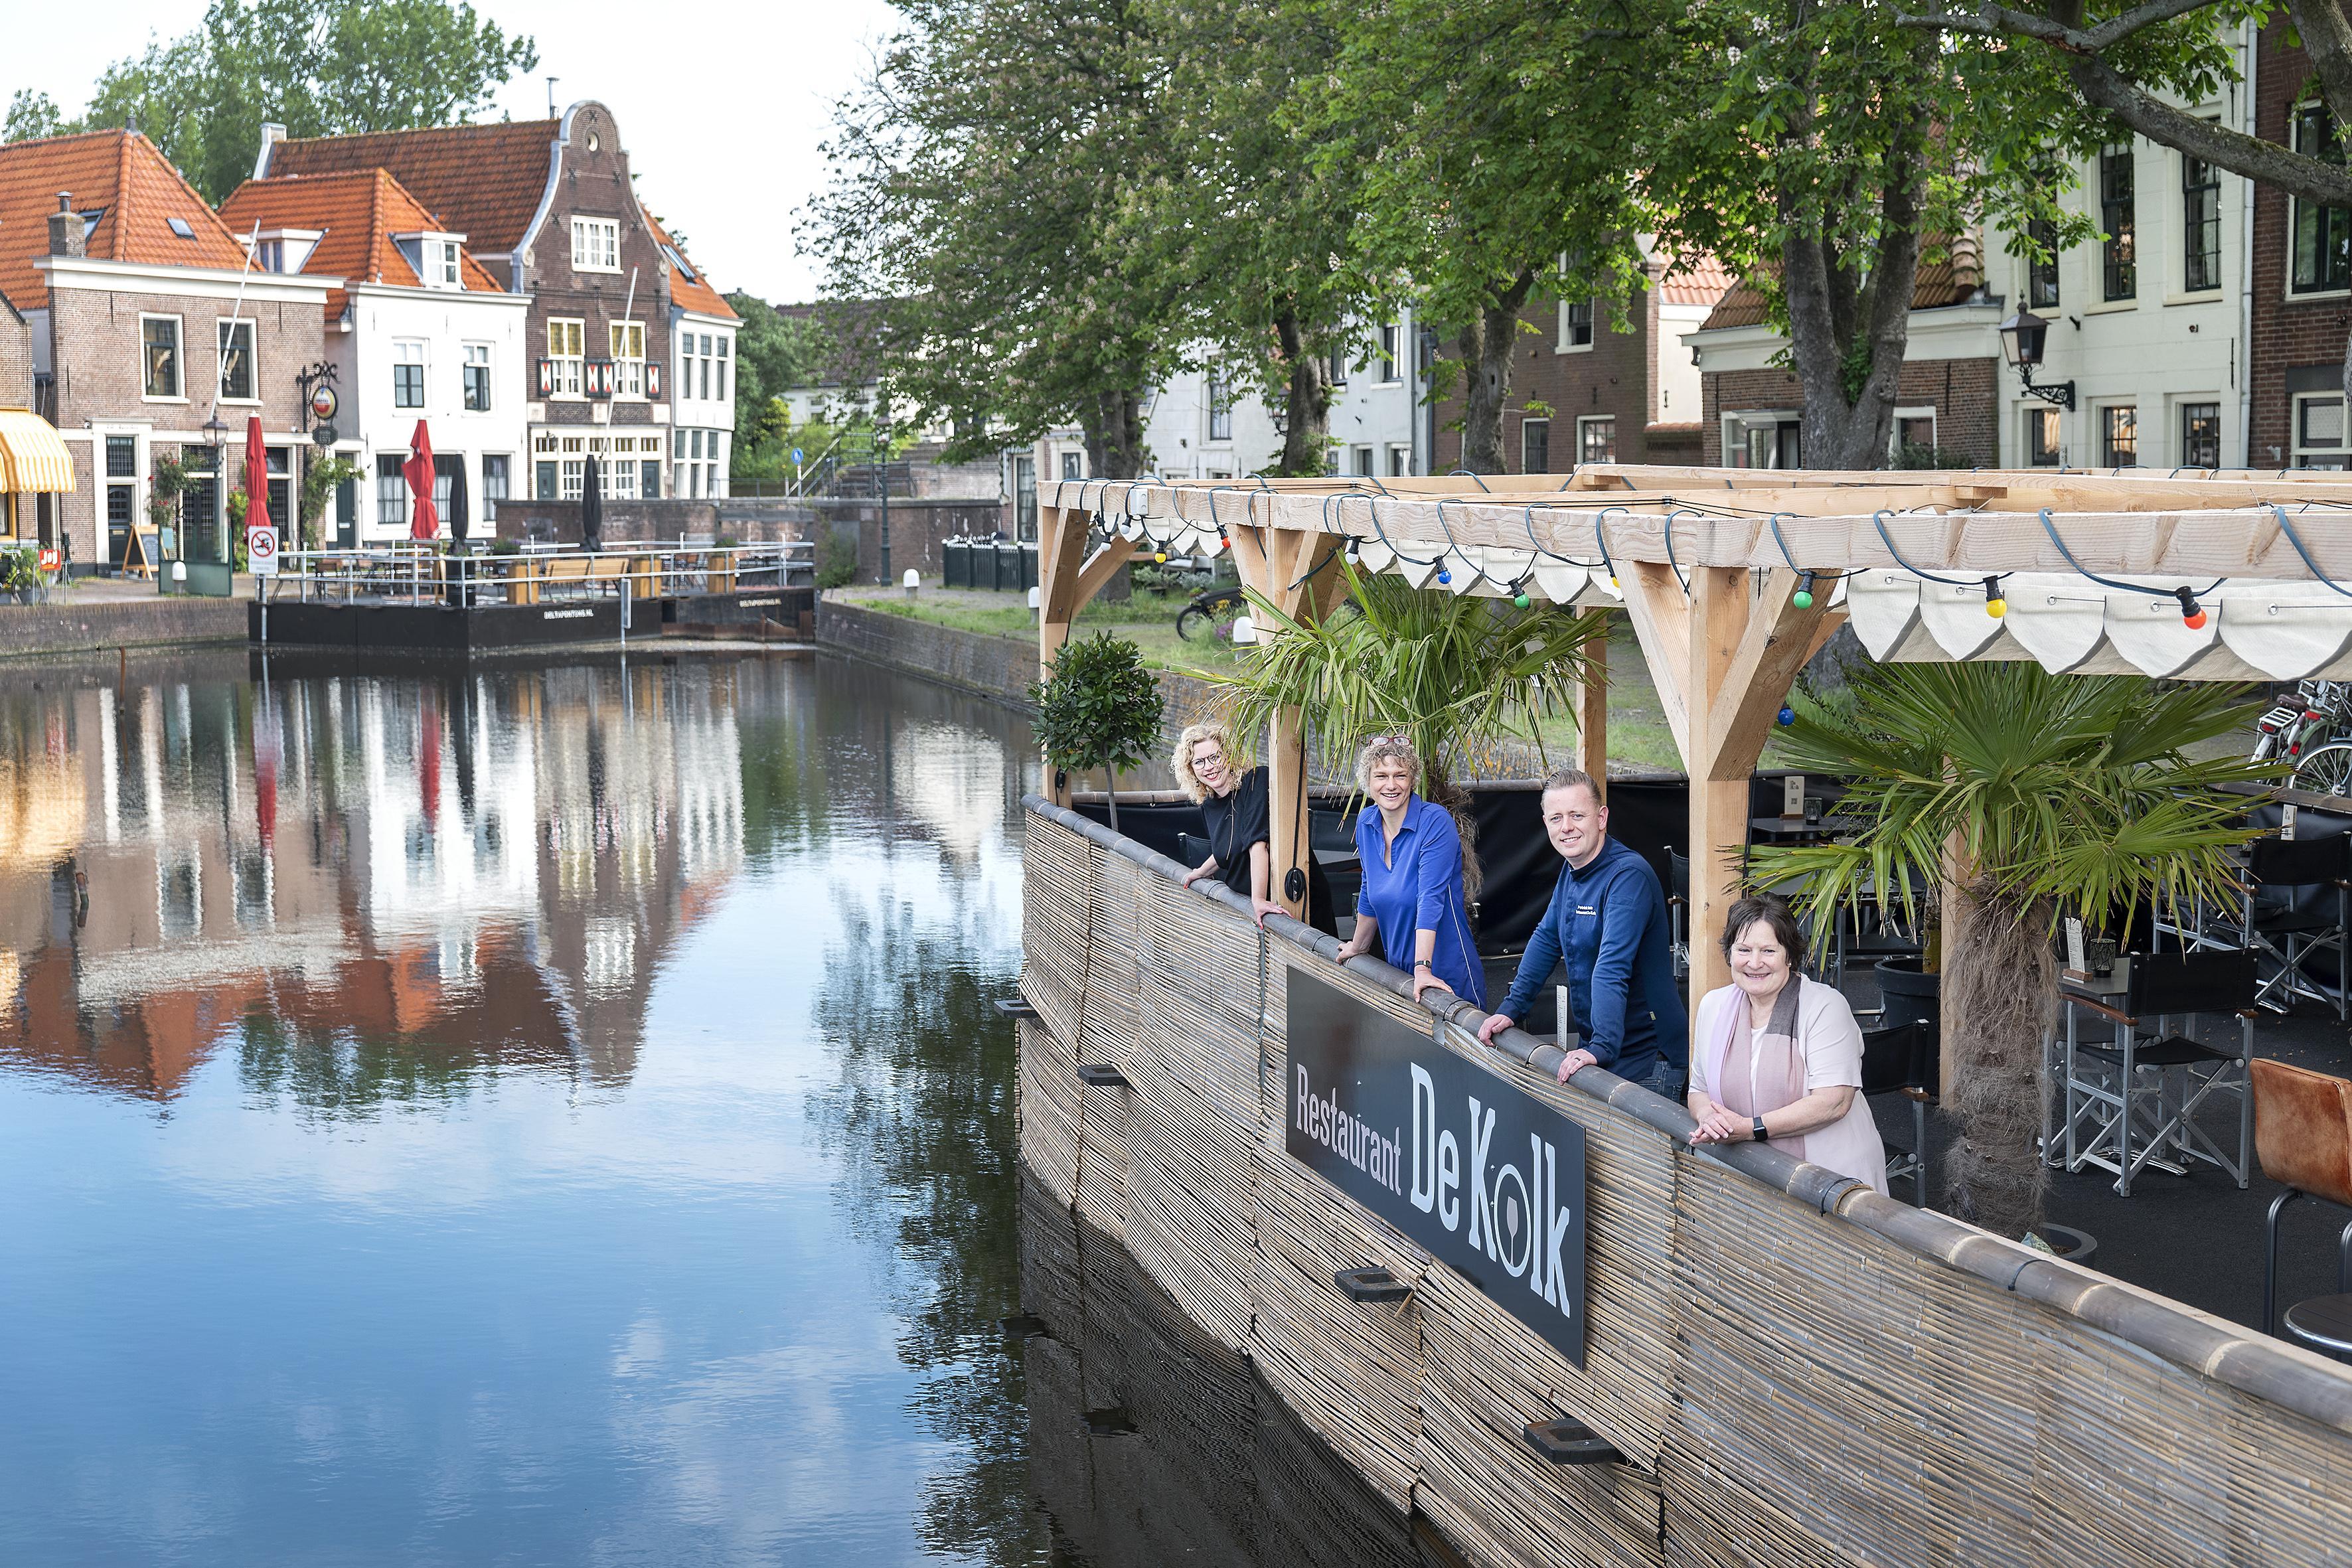 Restauratie van De Kolksluis in Spaarndam: balanceren in een openluchtmuseum